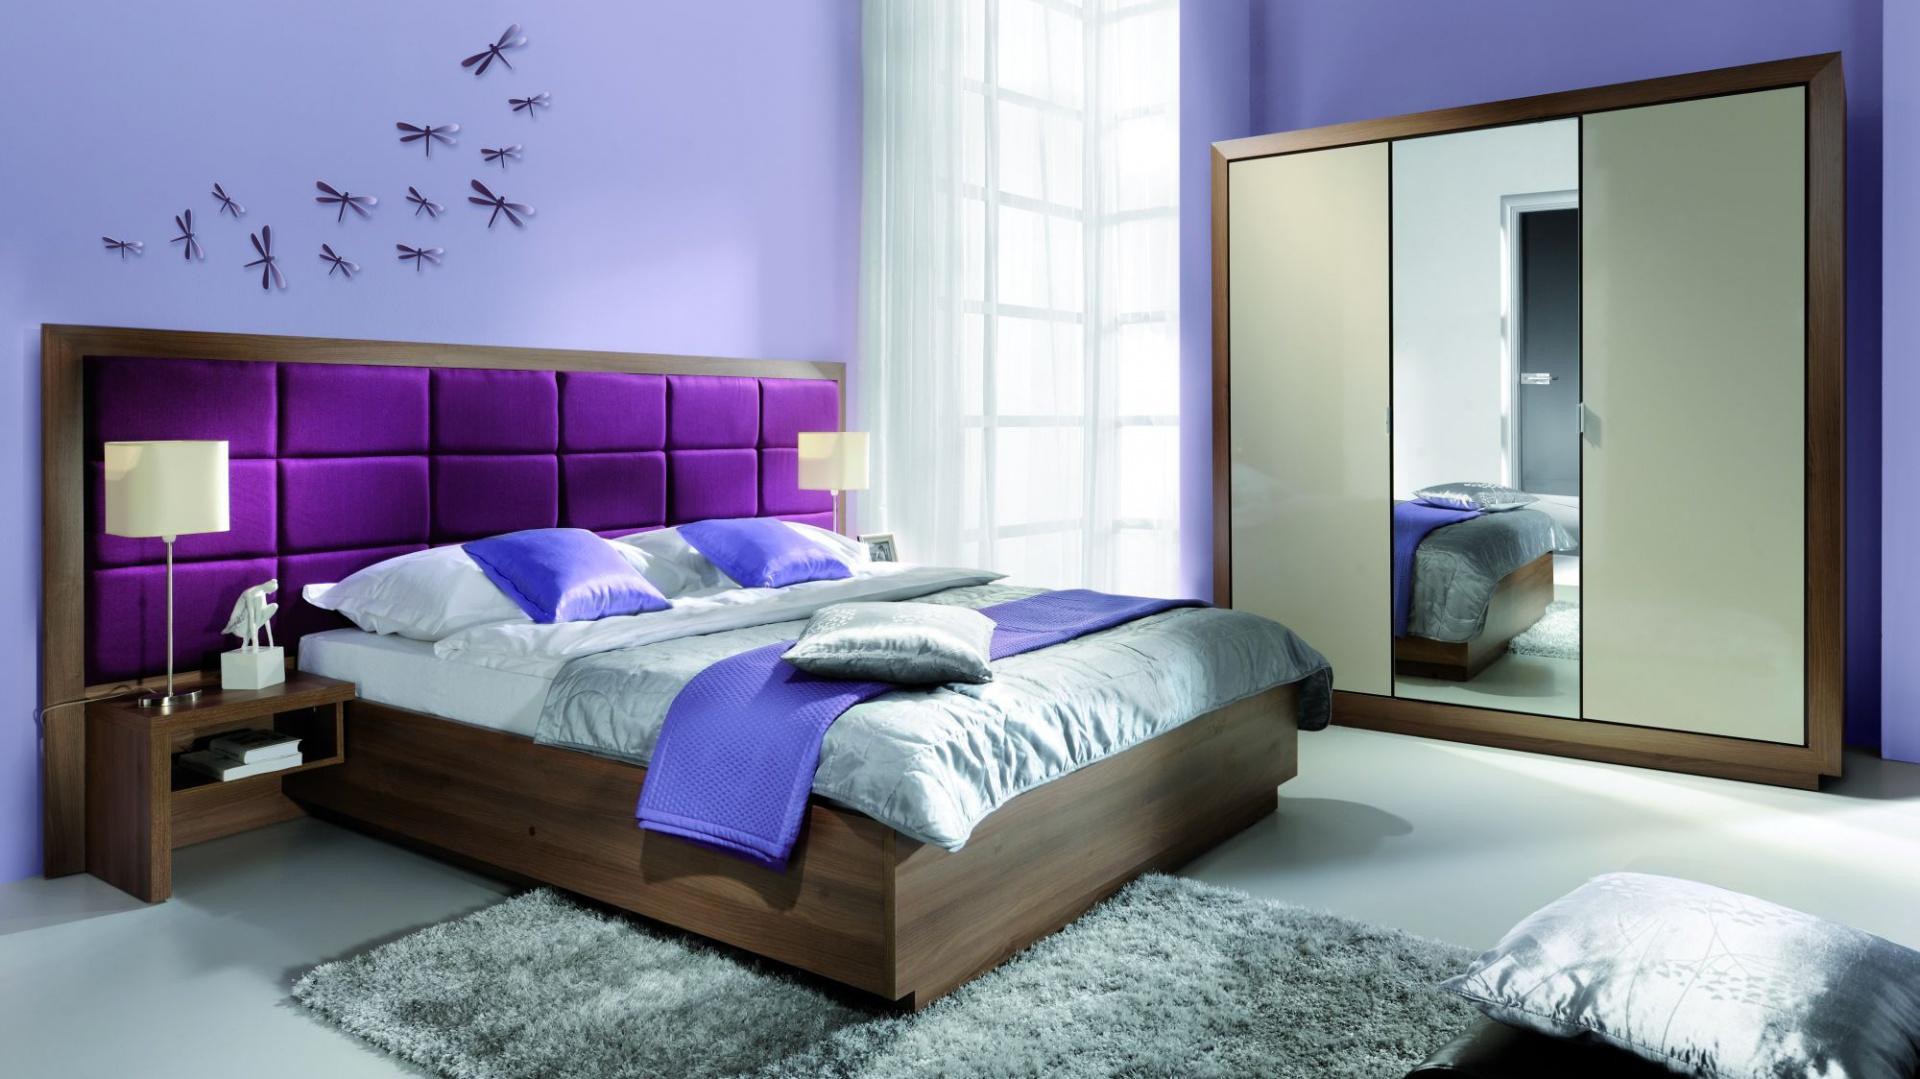 łóżko W Sypialni 12 Modeli Z Ciekawym Zagłówkiem